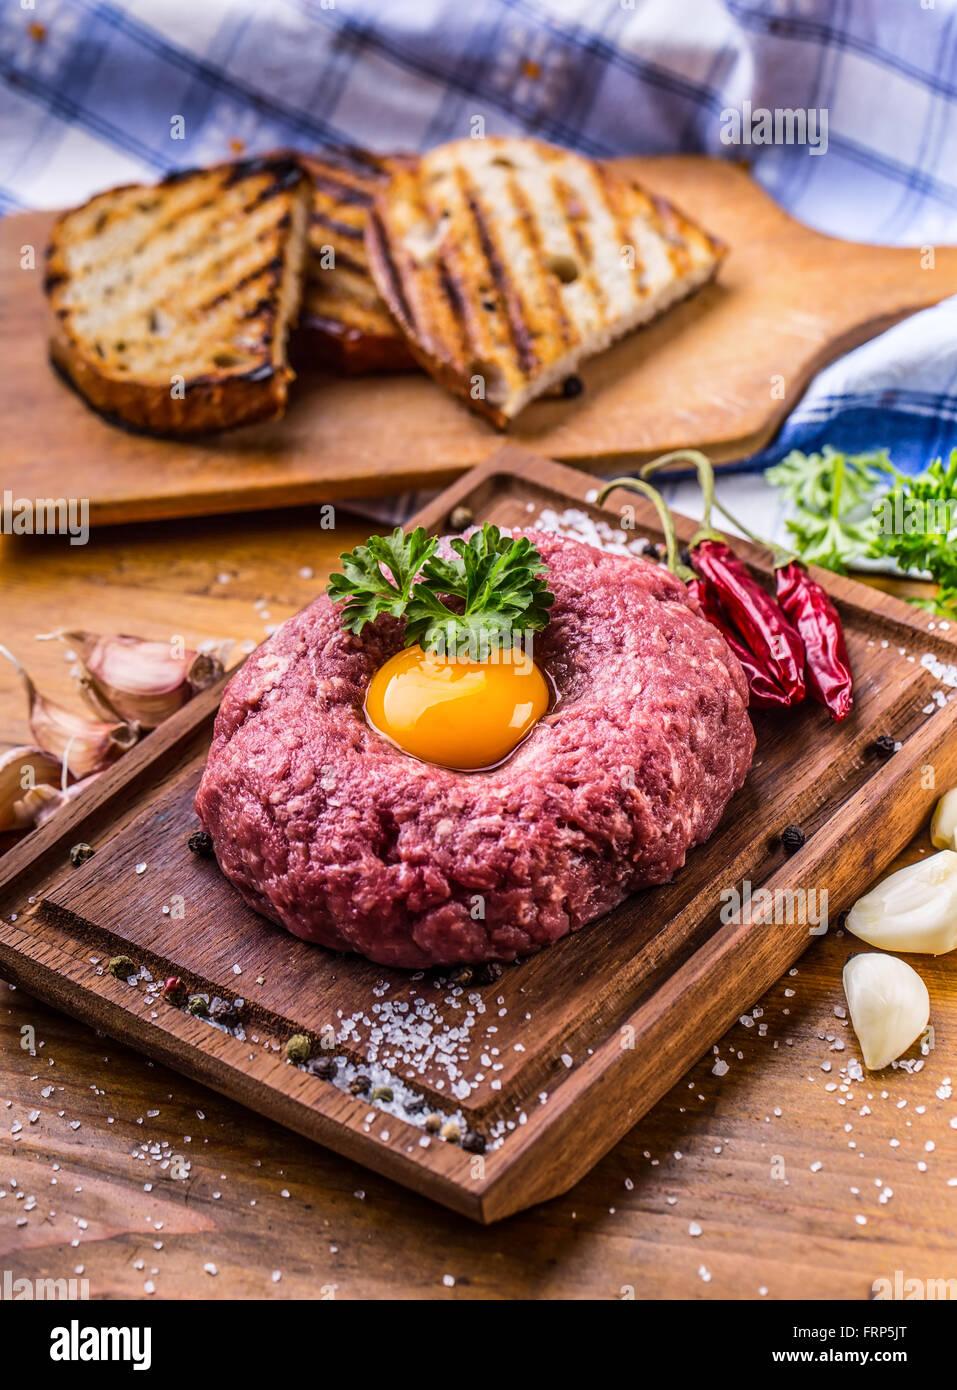 Carne di manzo crudo .gustosa tartare di manzo. Classic tartare di manzo sul tagliere in legno. Ingredienti: Materie Immagini Stock